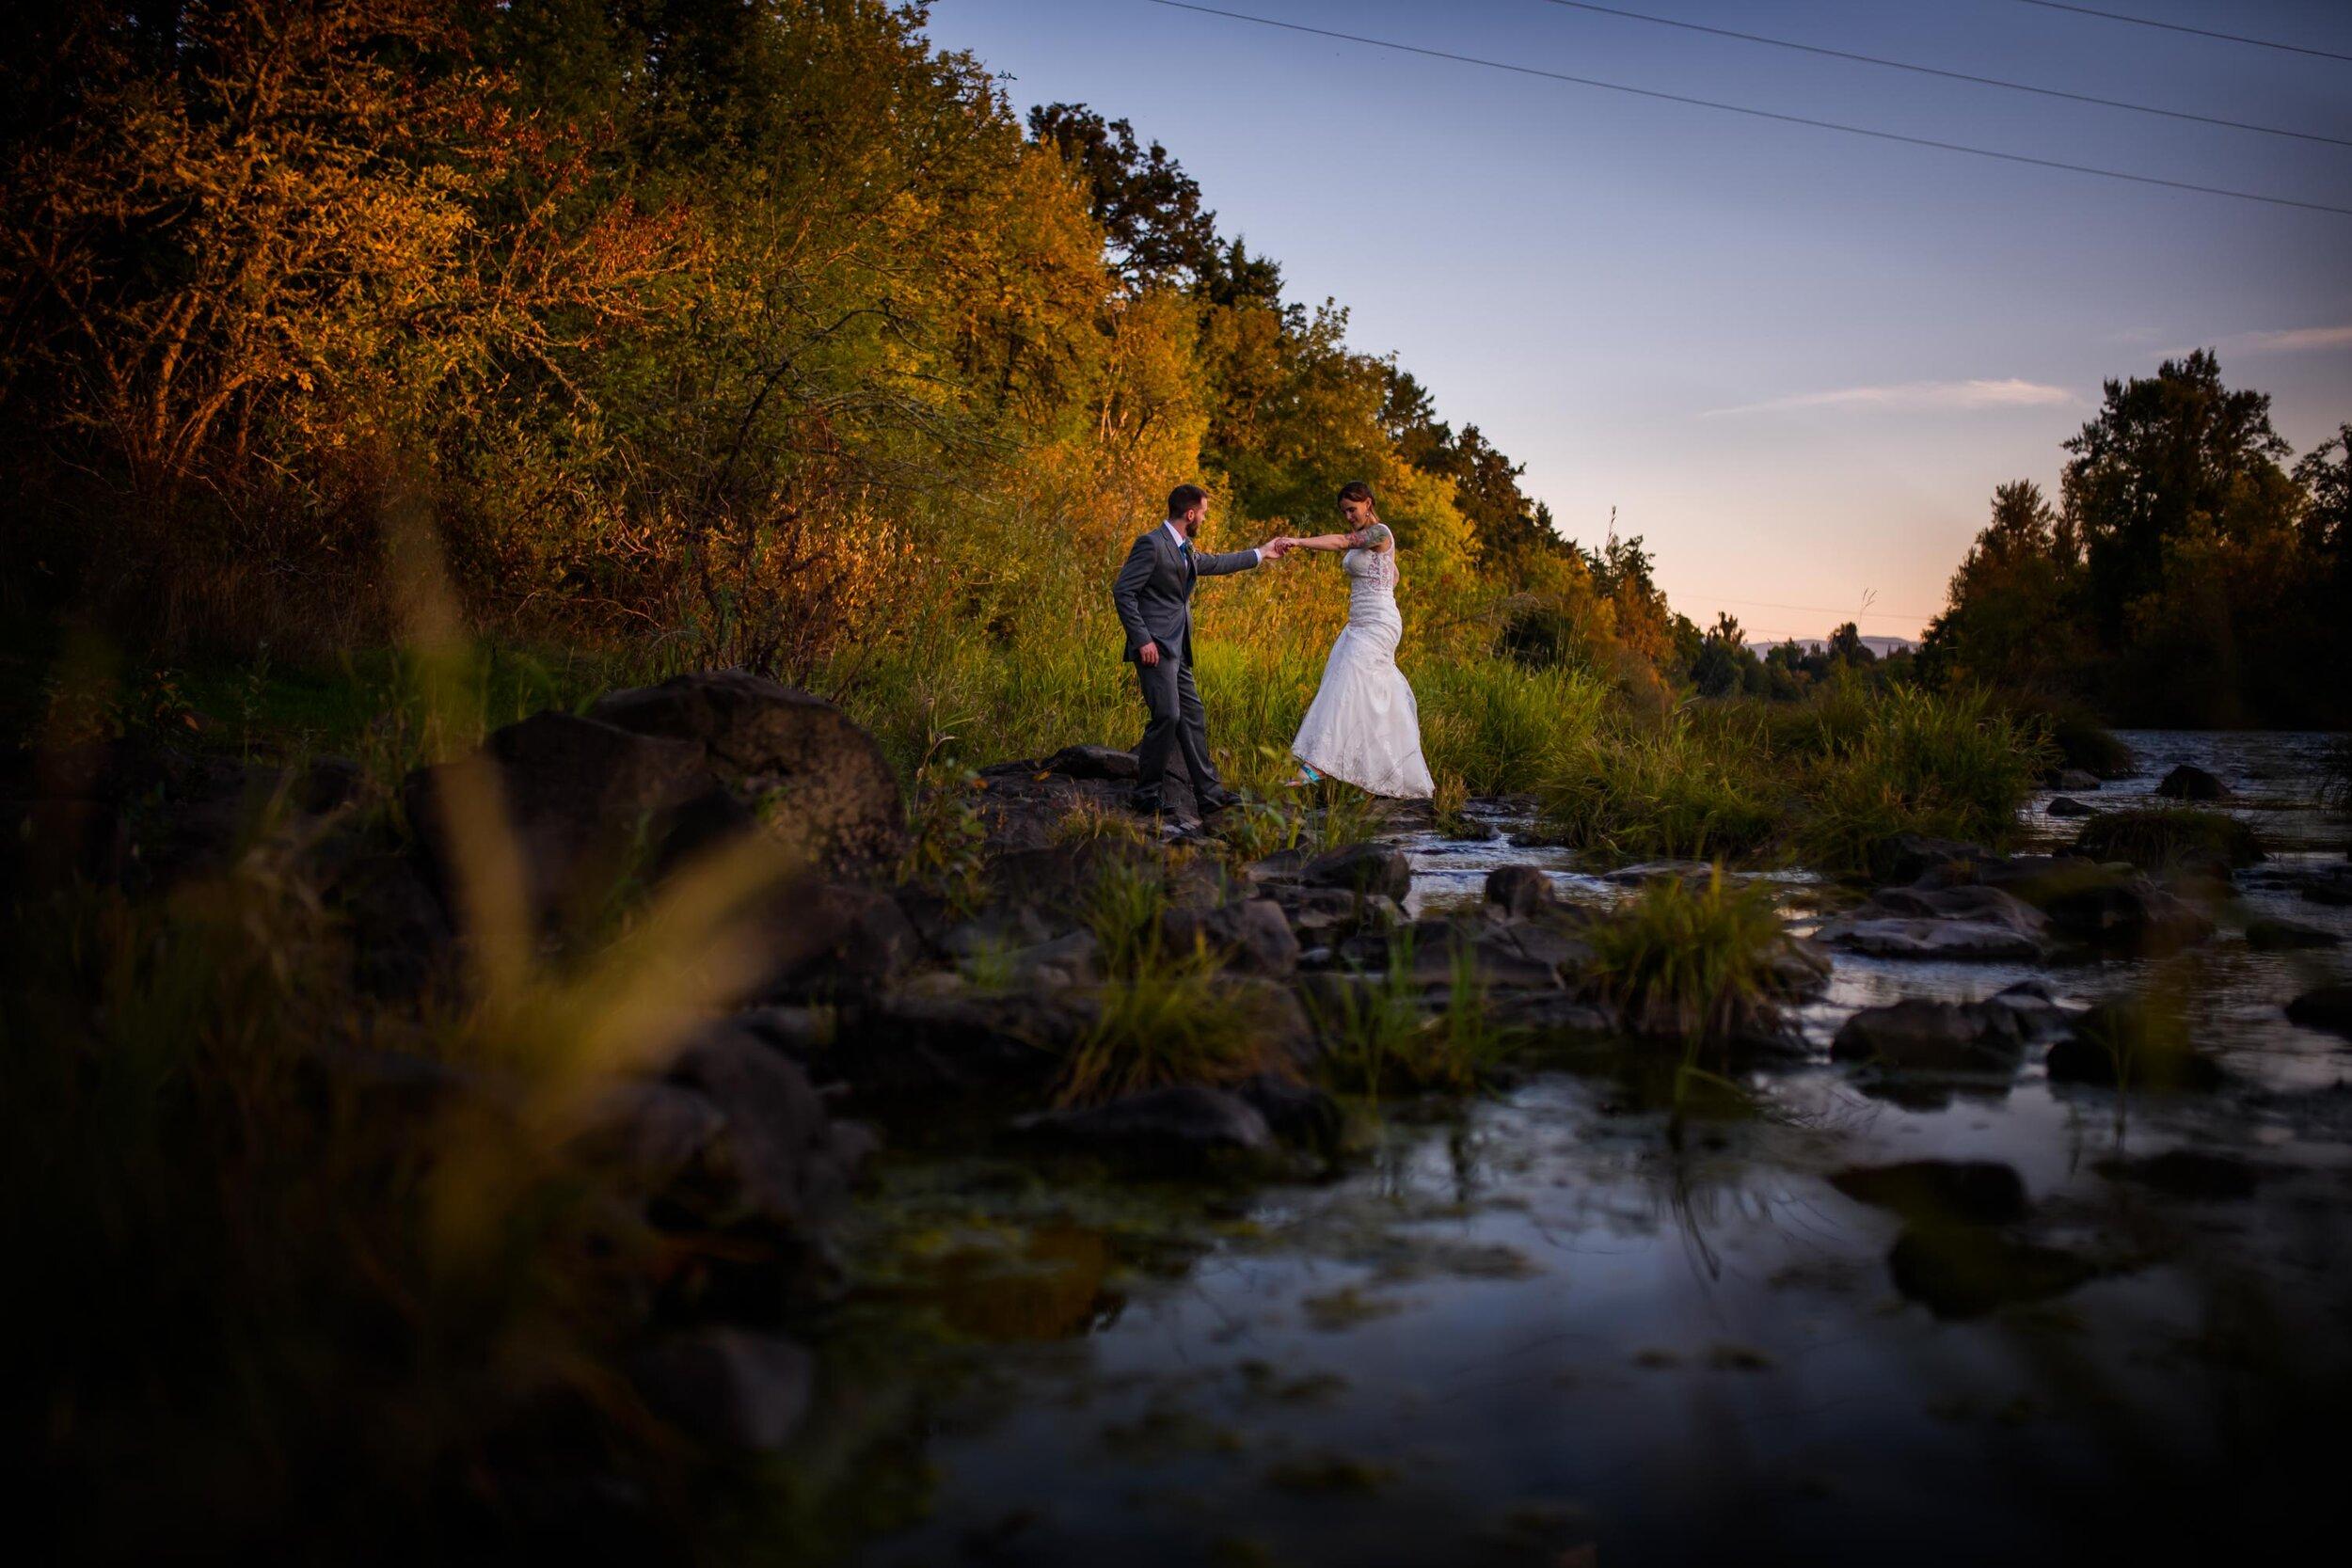 Mt. Pisgah Arboretum wedding photos 108.JPG